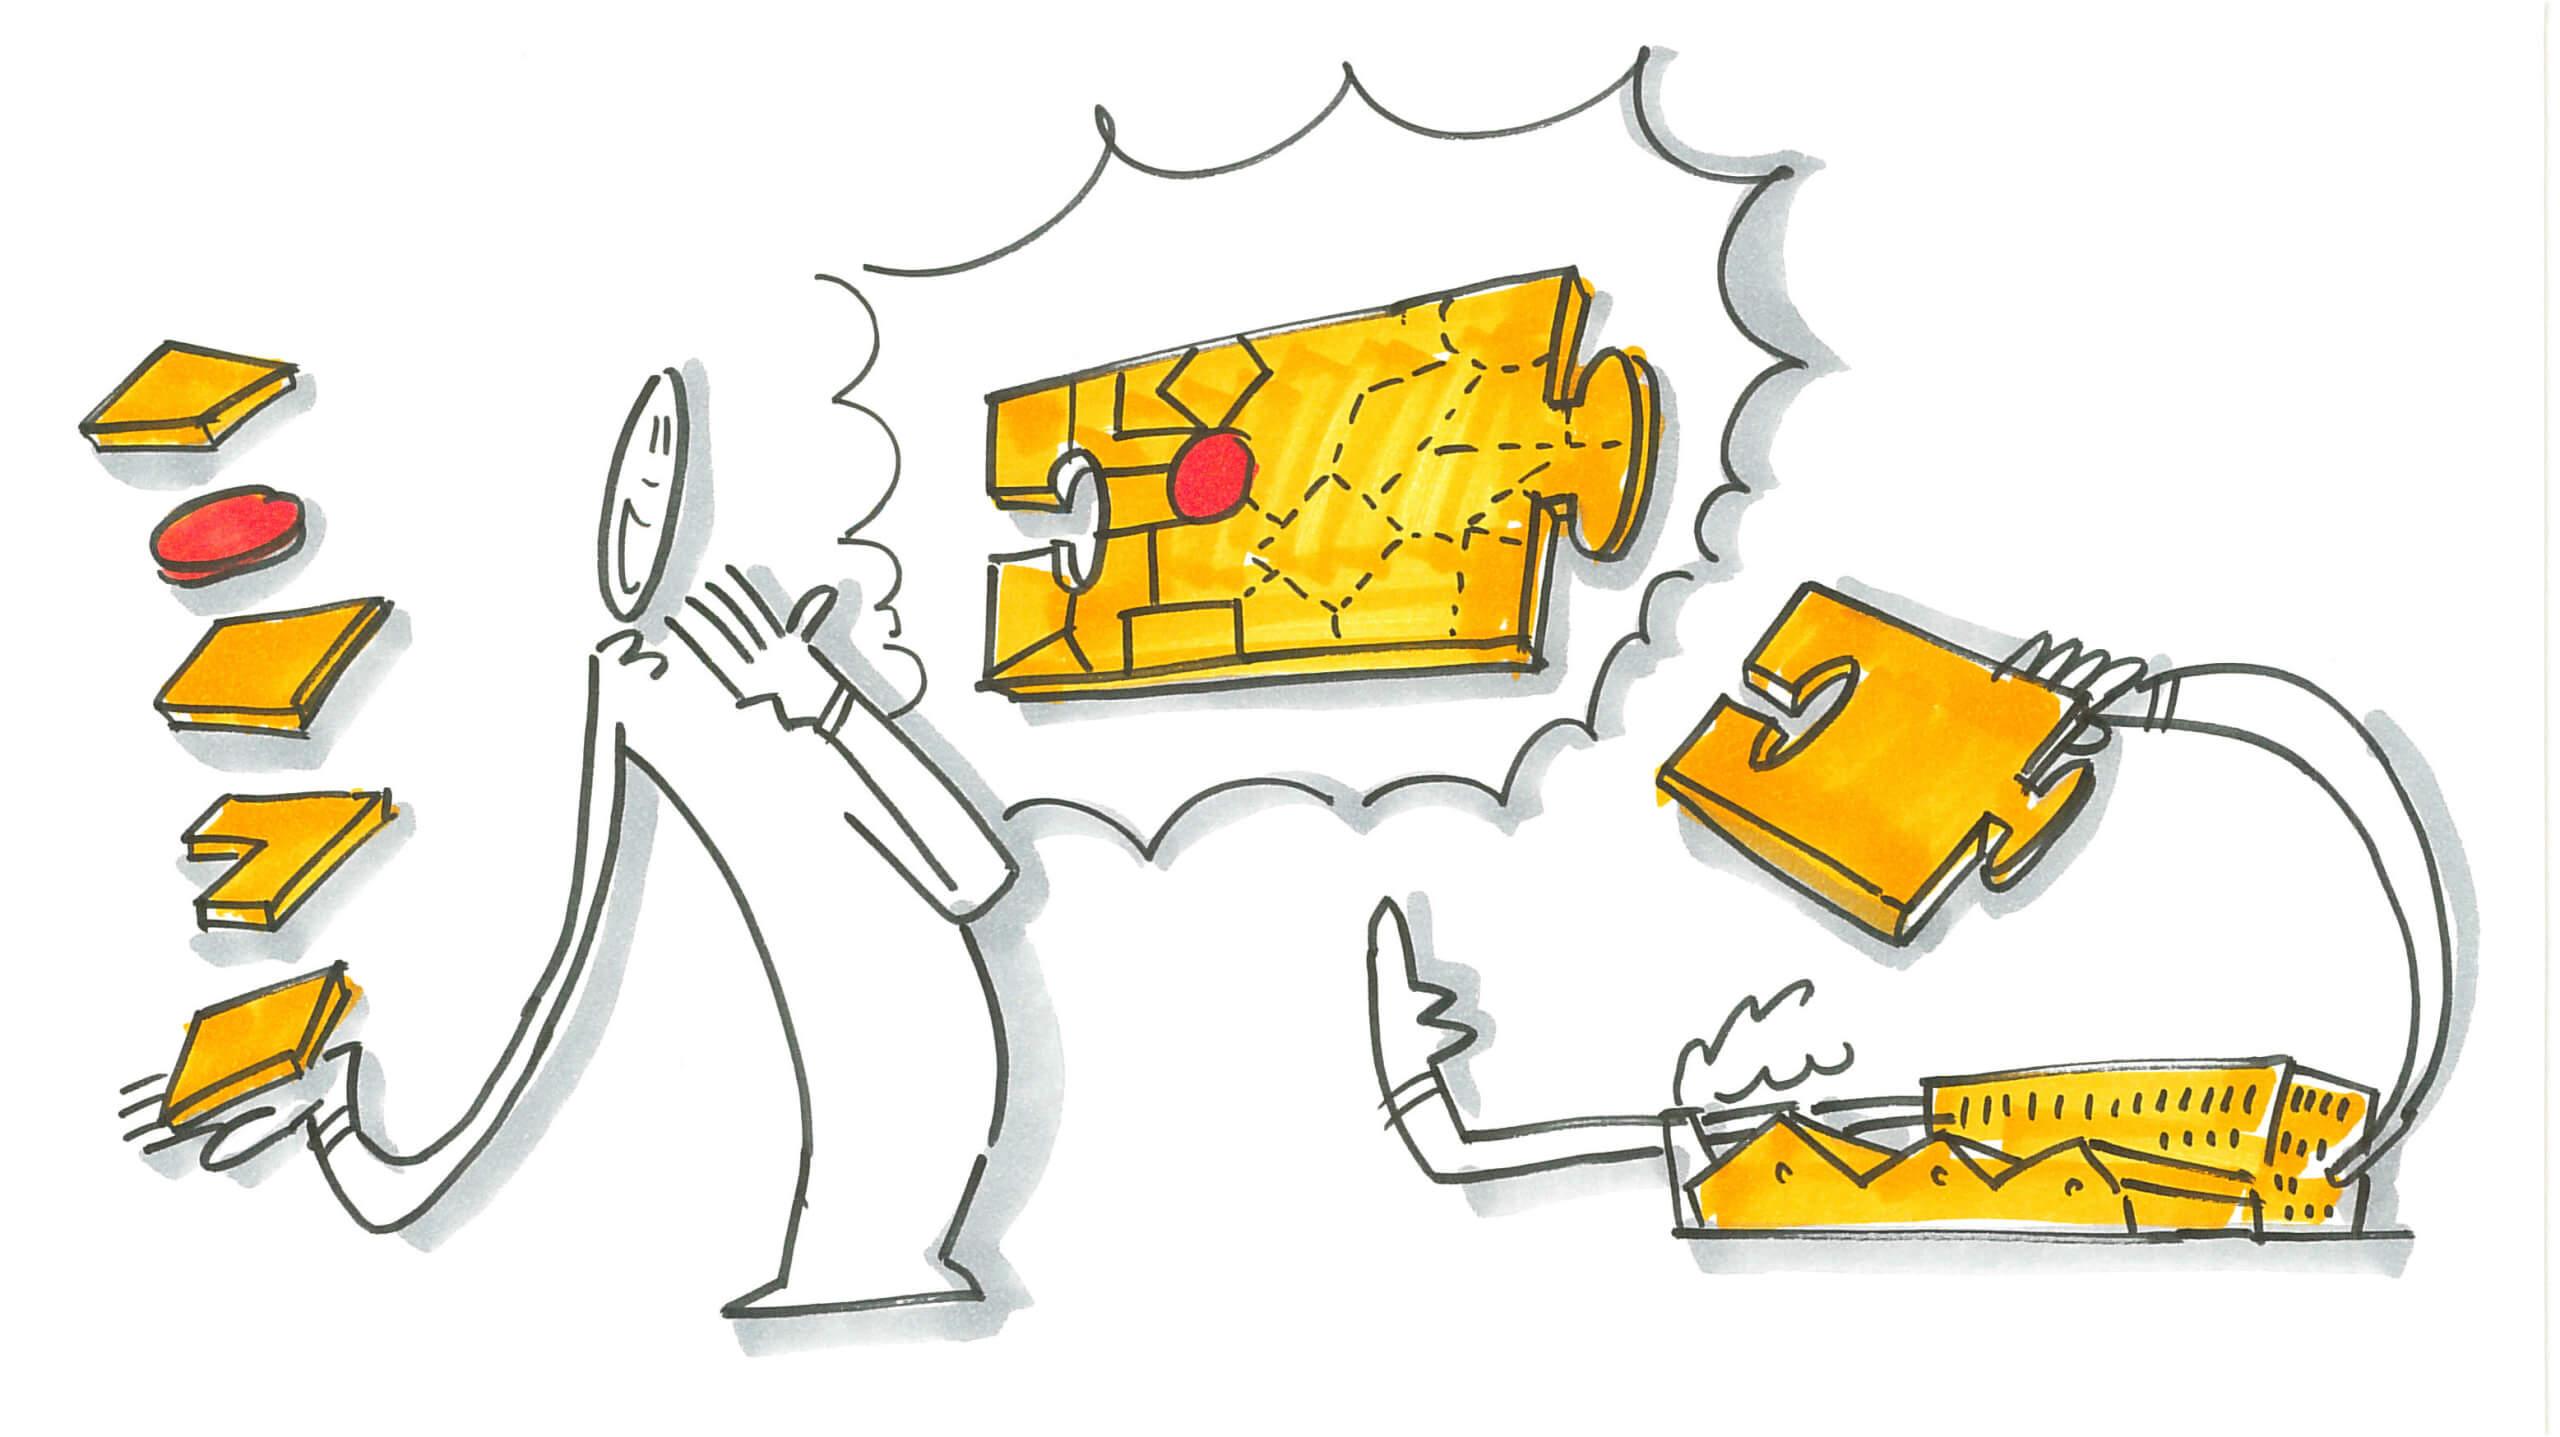 001 puzzle machen firma